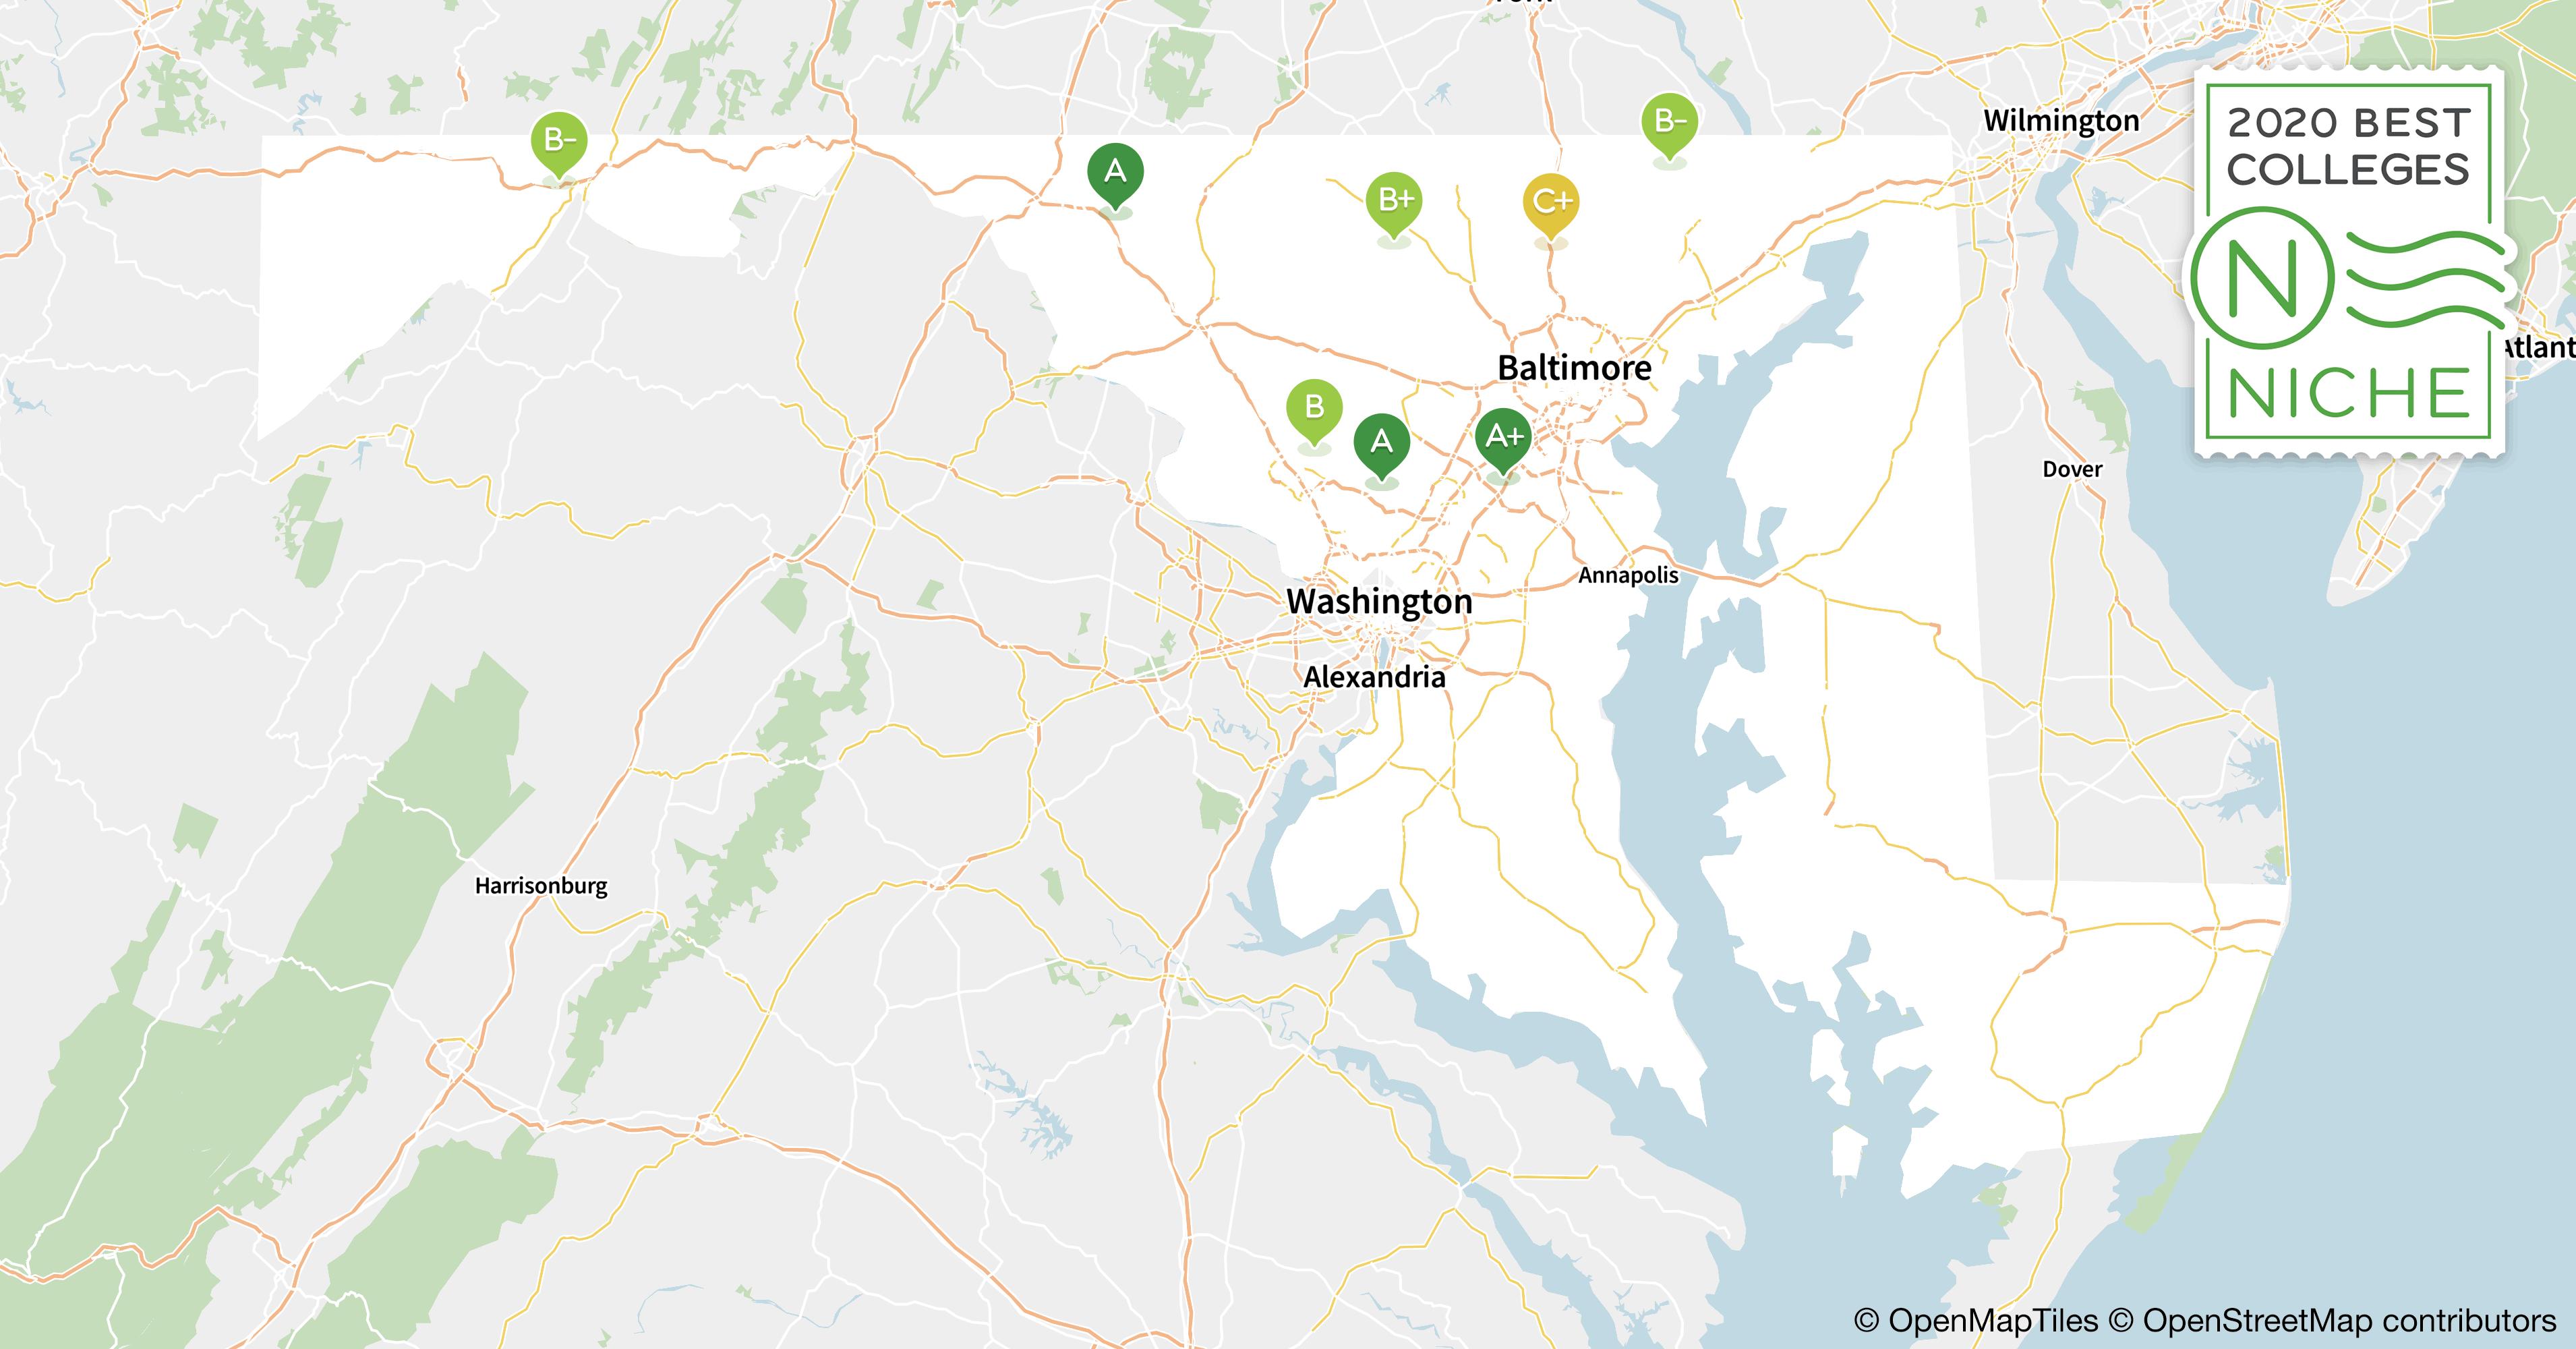 2020 Best Colleges in Maryland - Niche